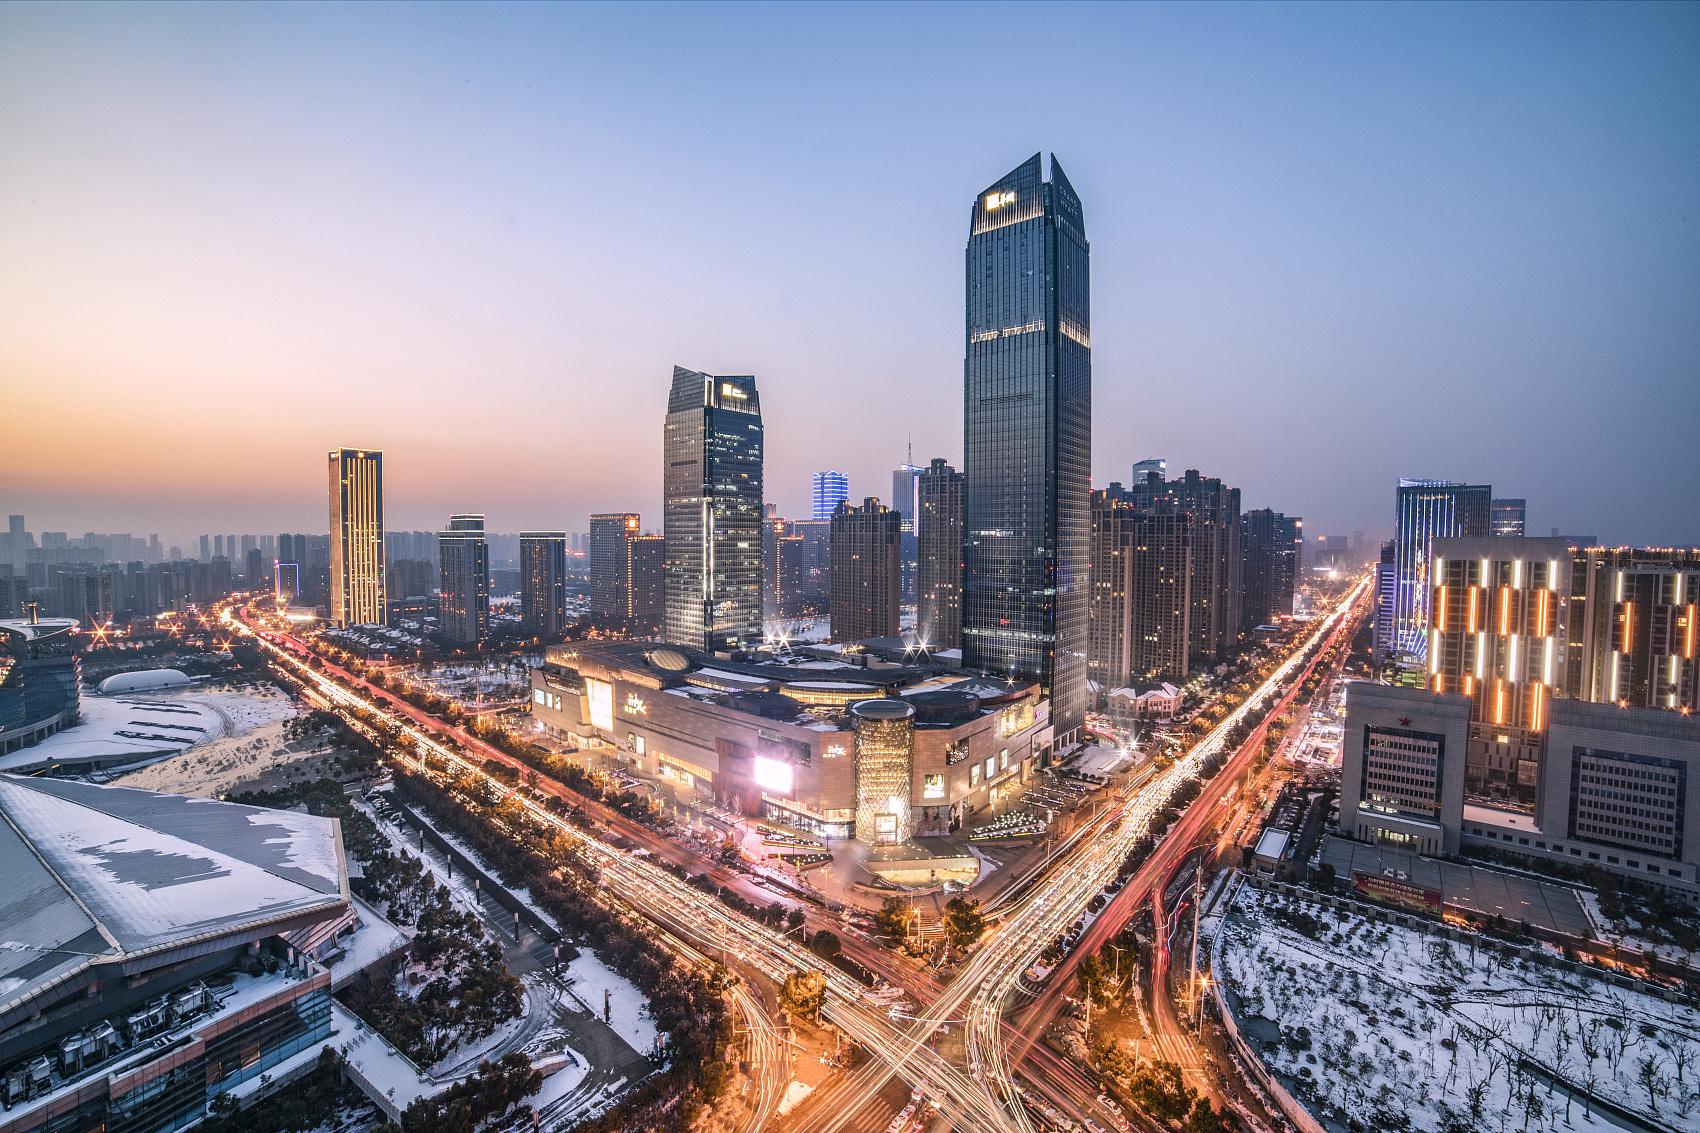 合肥1-视觉中国.jpg